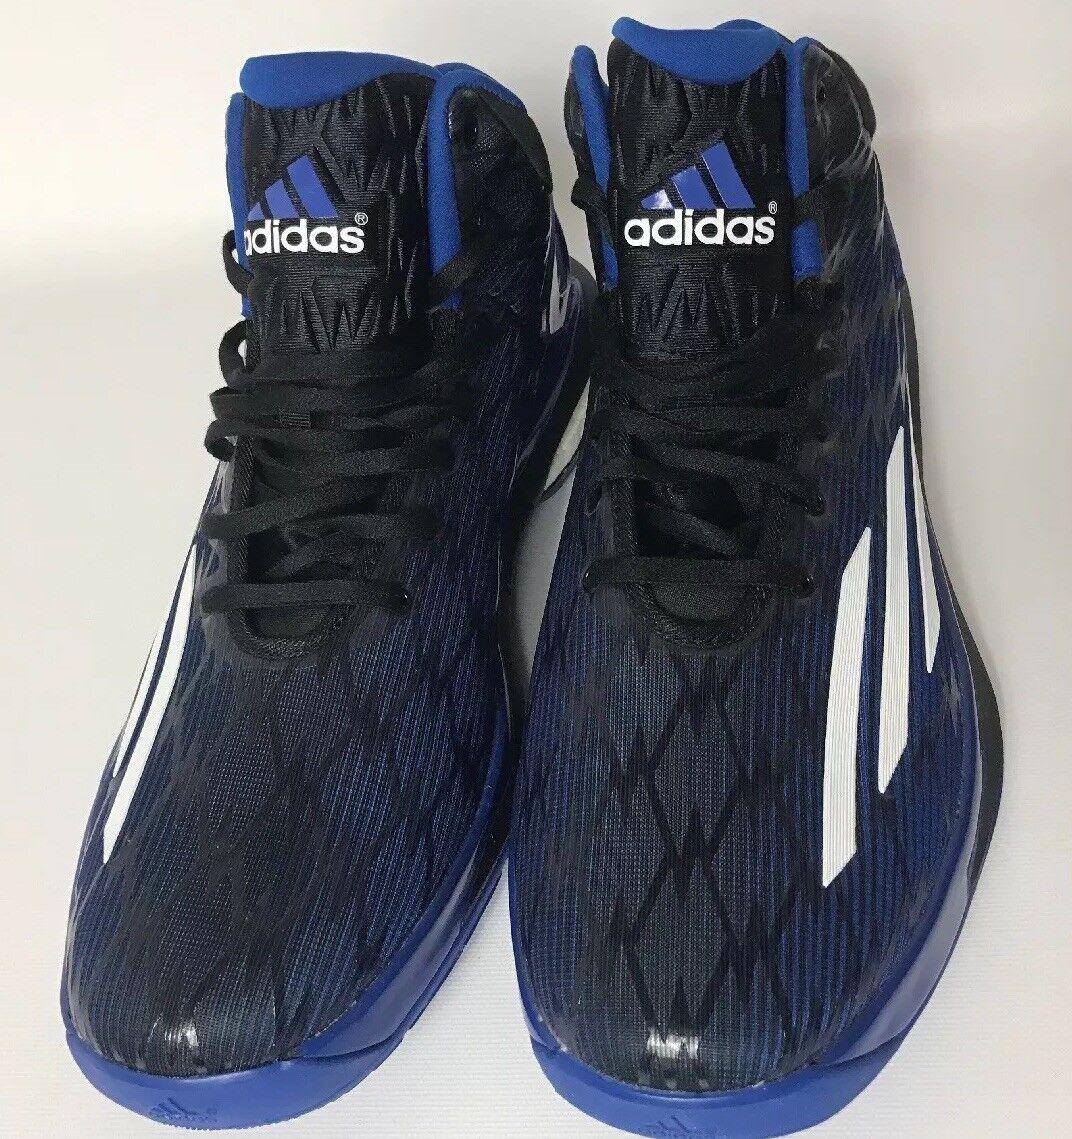 Adidas neuer verrückte licht förderung neuer Adidas größe 13 frei schiff zurück d592e4